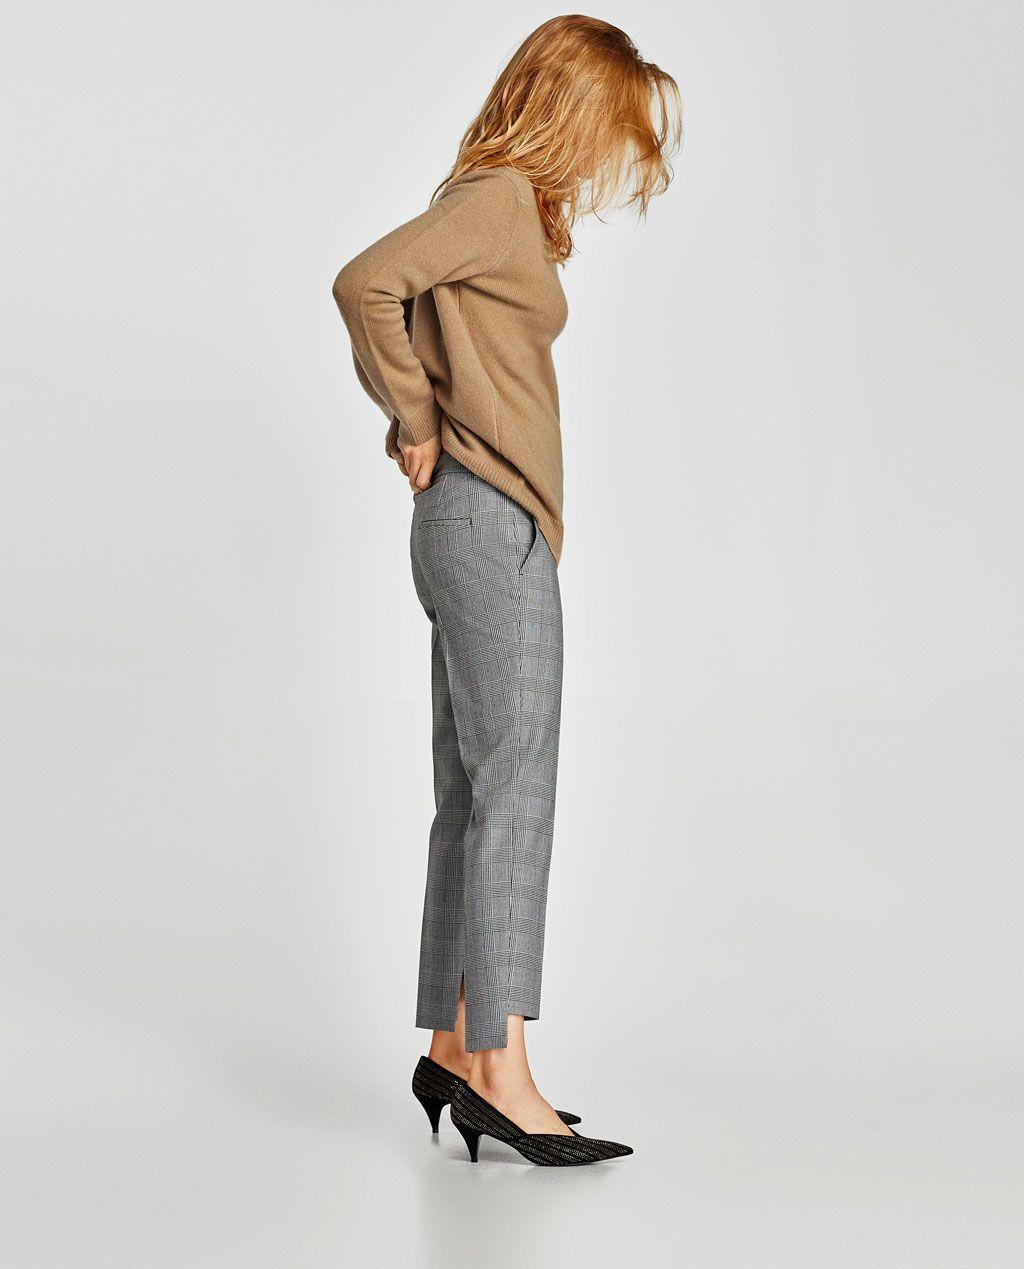 Zdjecie 4 Spodnie W Krate Z Asymetrycznymi Mankietami Nogawek Z Zara Trousers Women Checked Trousers Trousers